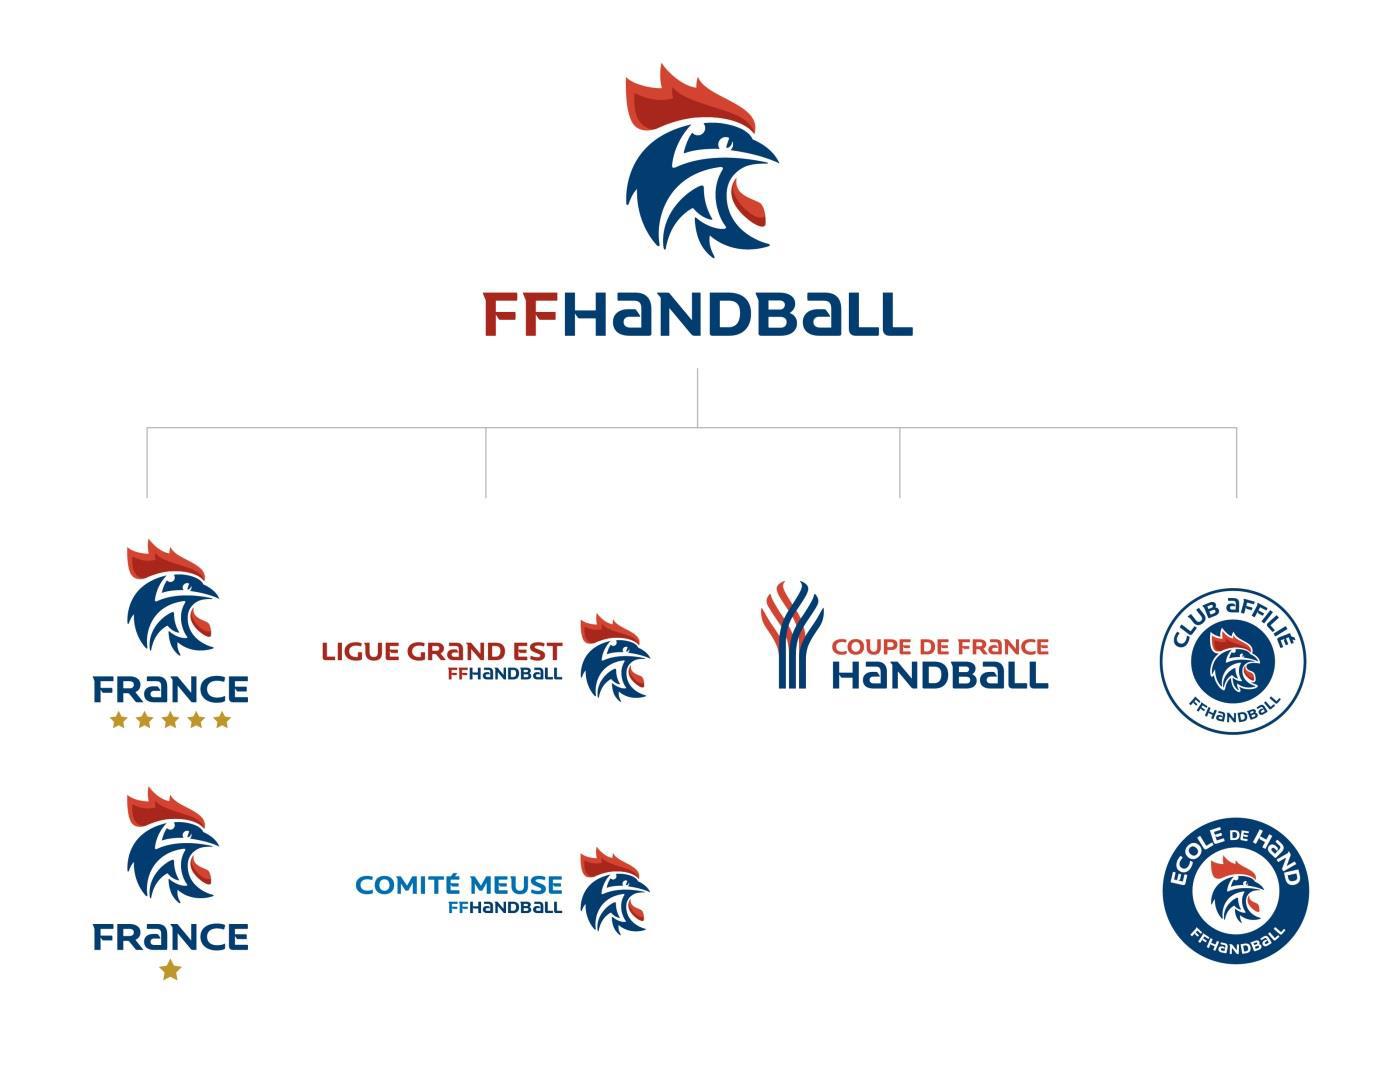 nouvelle identité visuelle FFHANDBALL